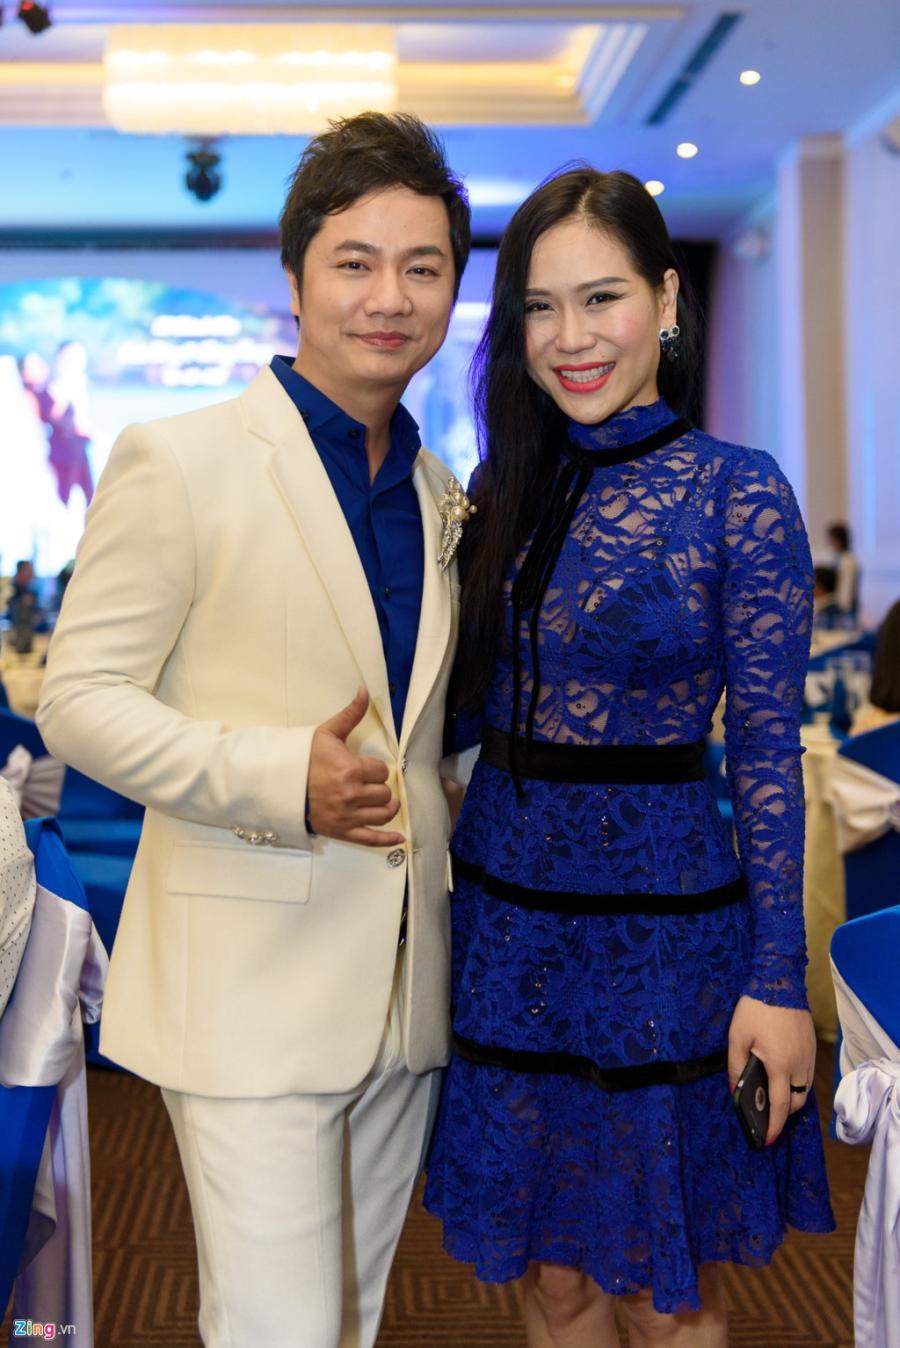 Quang Le, Thai Chau du tiec cuoi cua ca si Duy Truong hinh anh 6